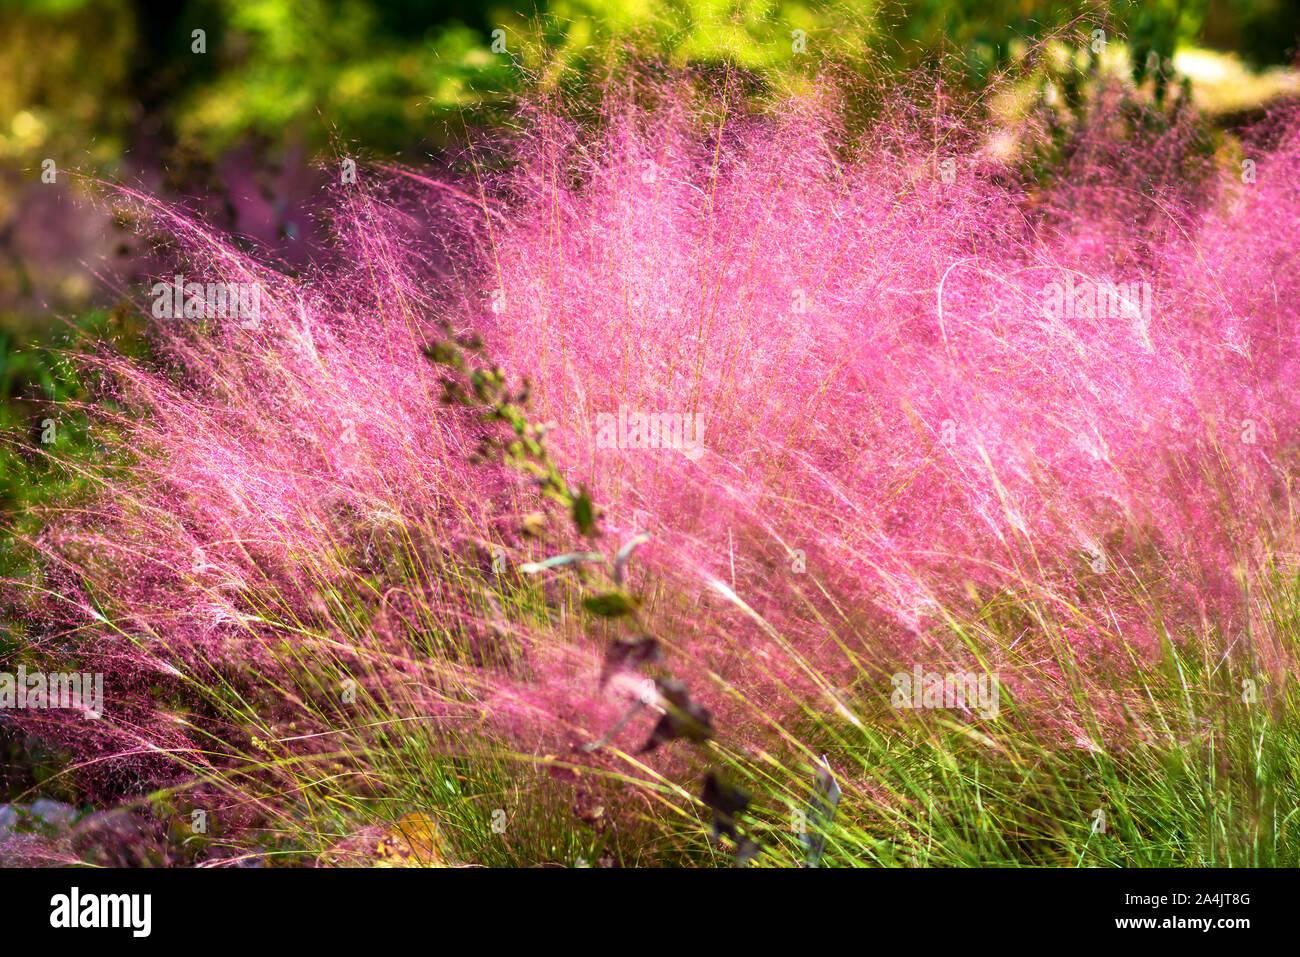 Capelli Rosa Erba-muhlenbergia CAPILLARIS